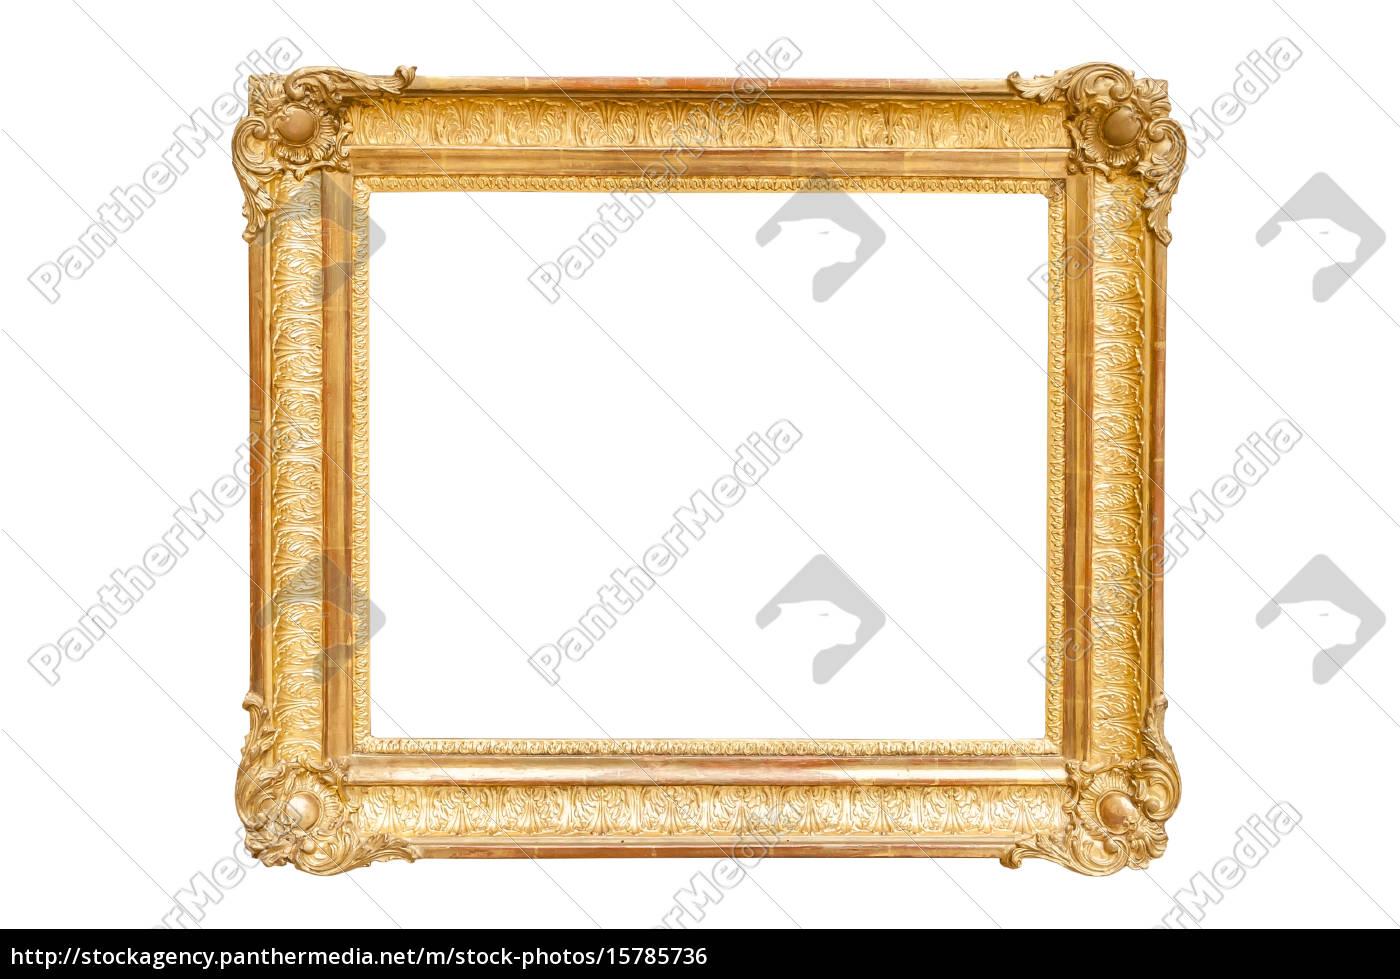 rectángulo, decorativo, marco, de, imagen, de - 15785736